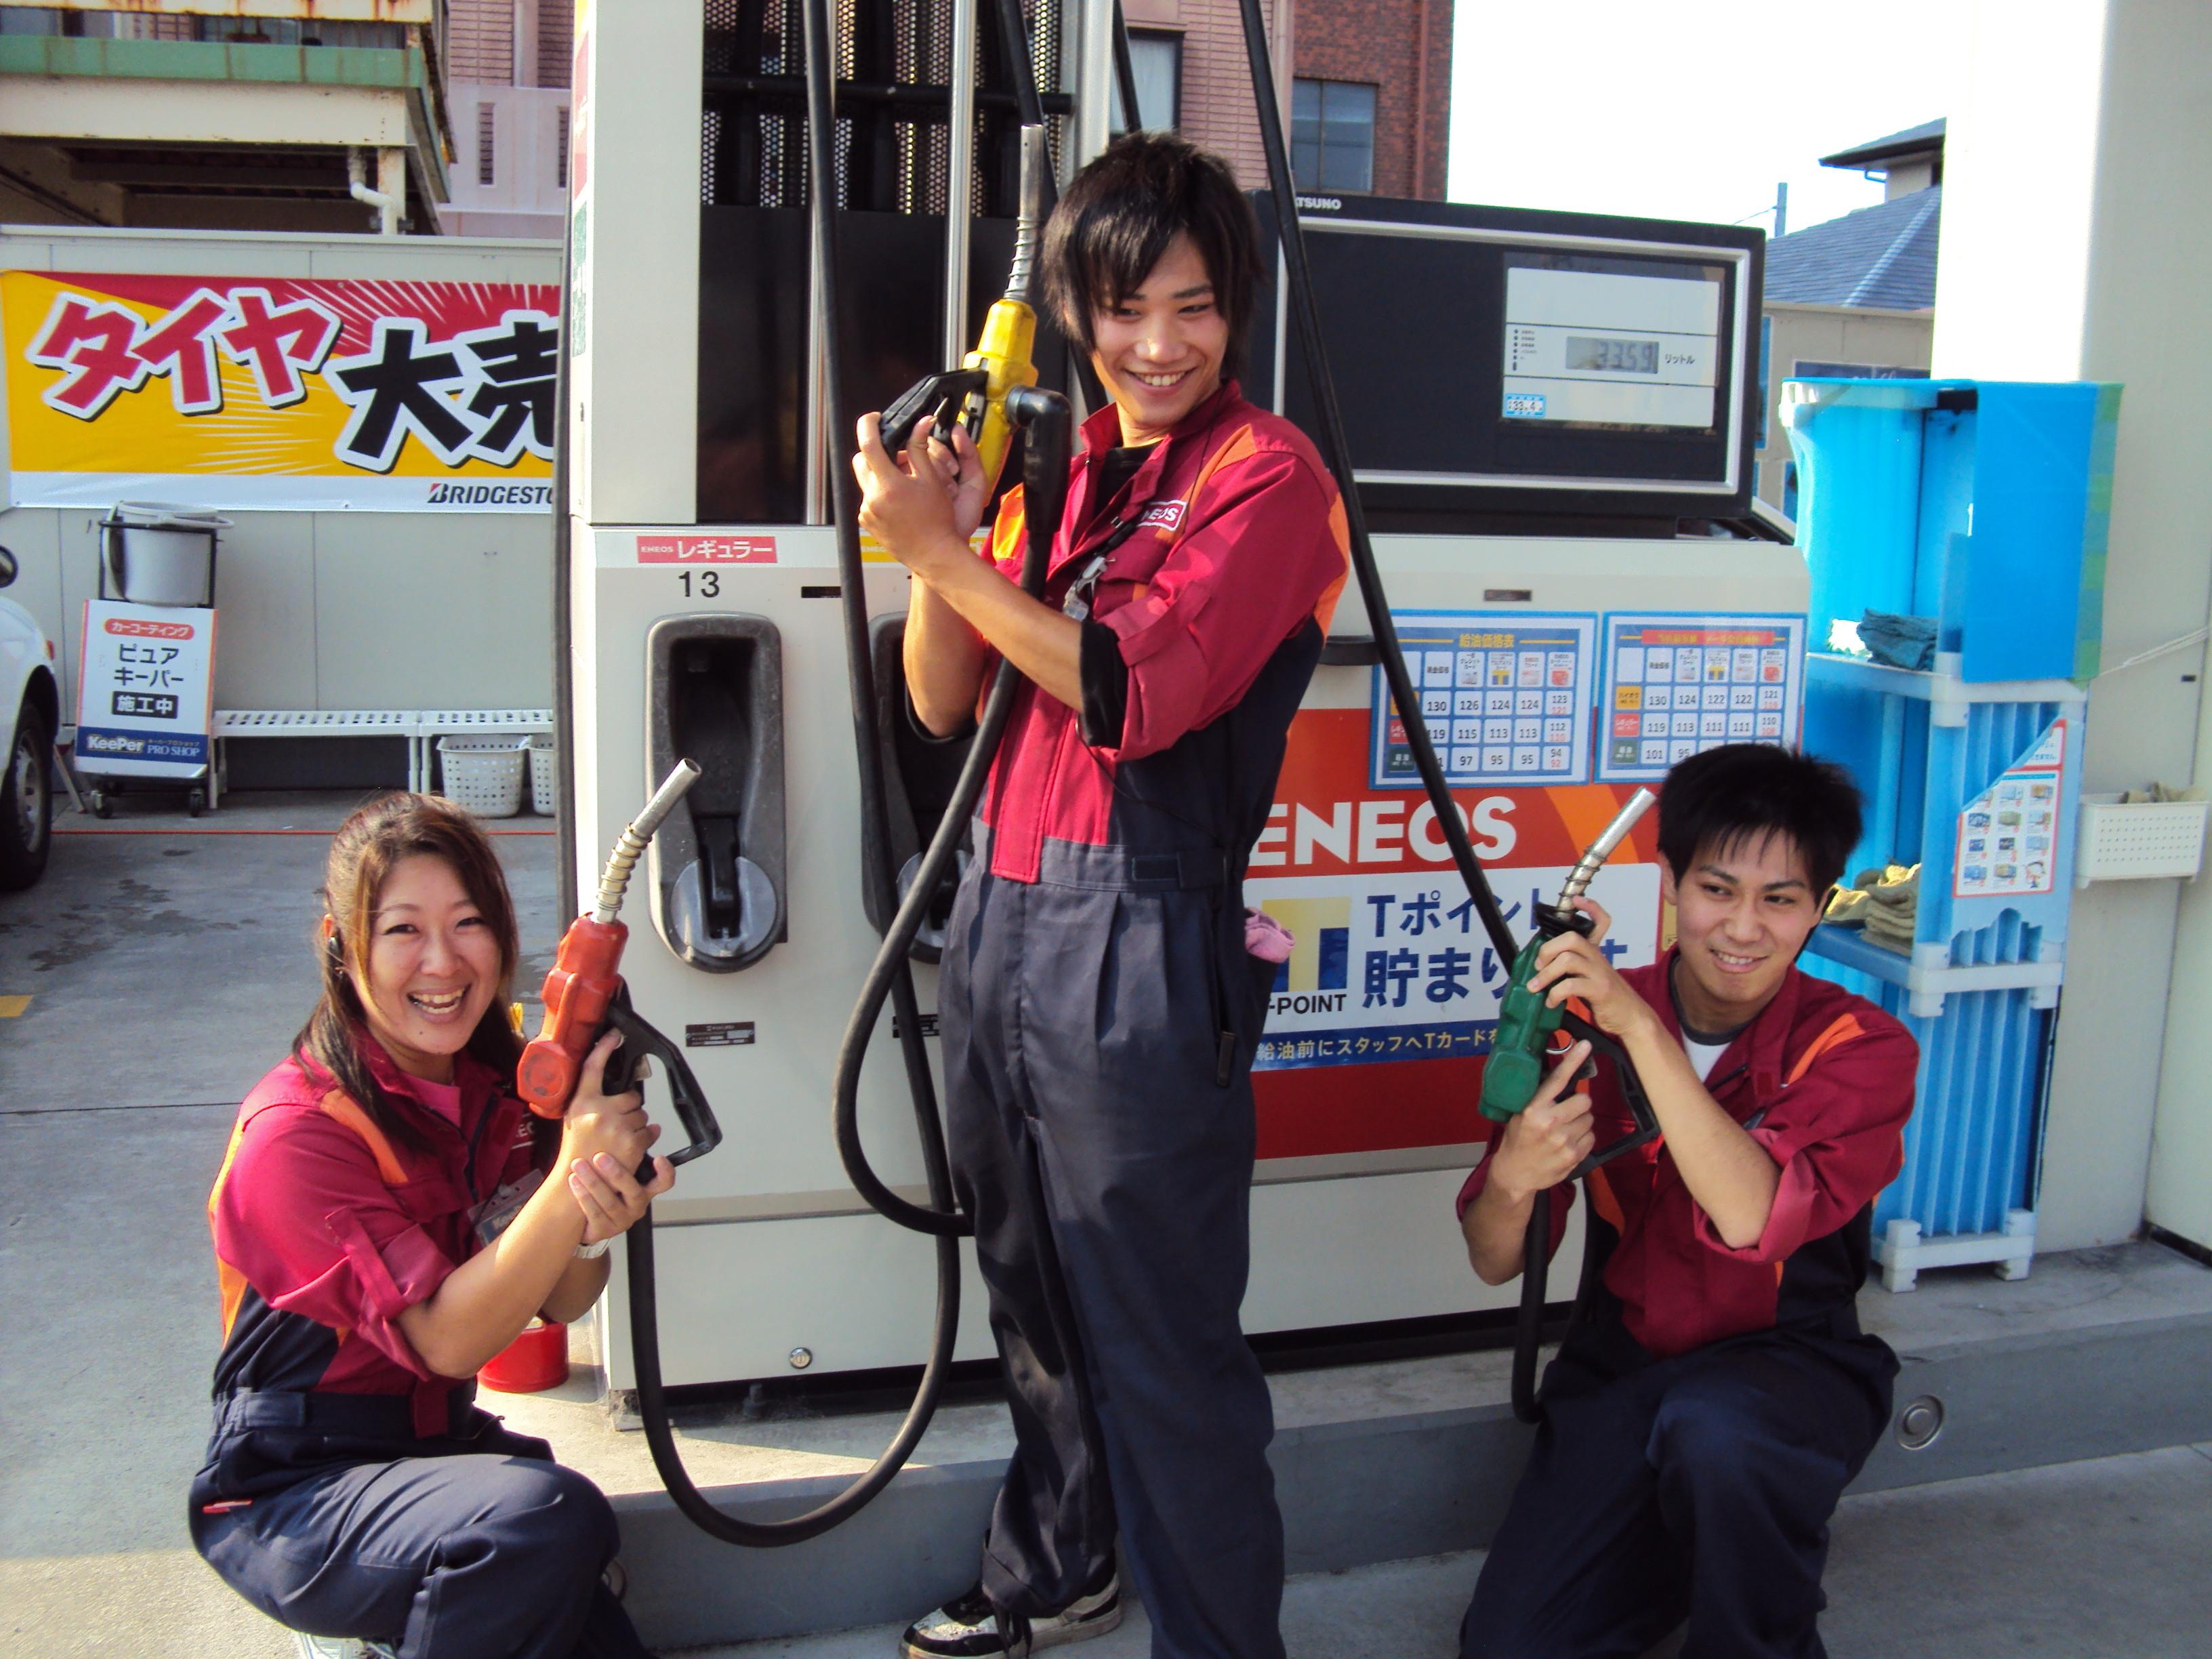 エネオス Dr.Drive セルフ沼津東店(伊伝株式会社) のアルバイト情報